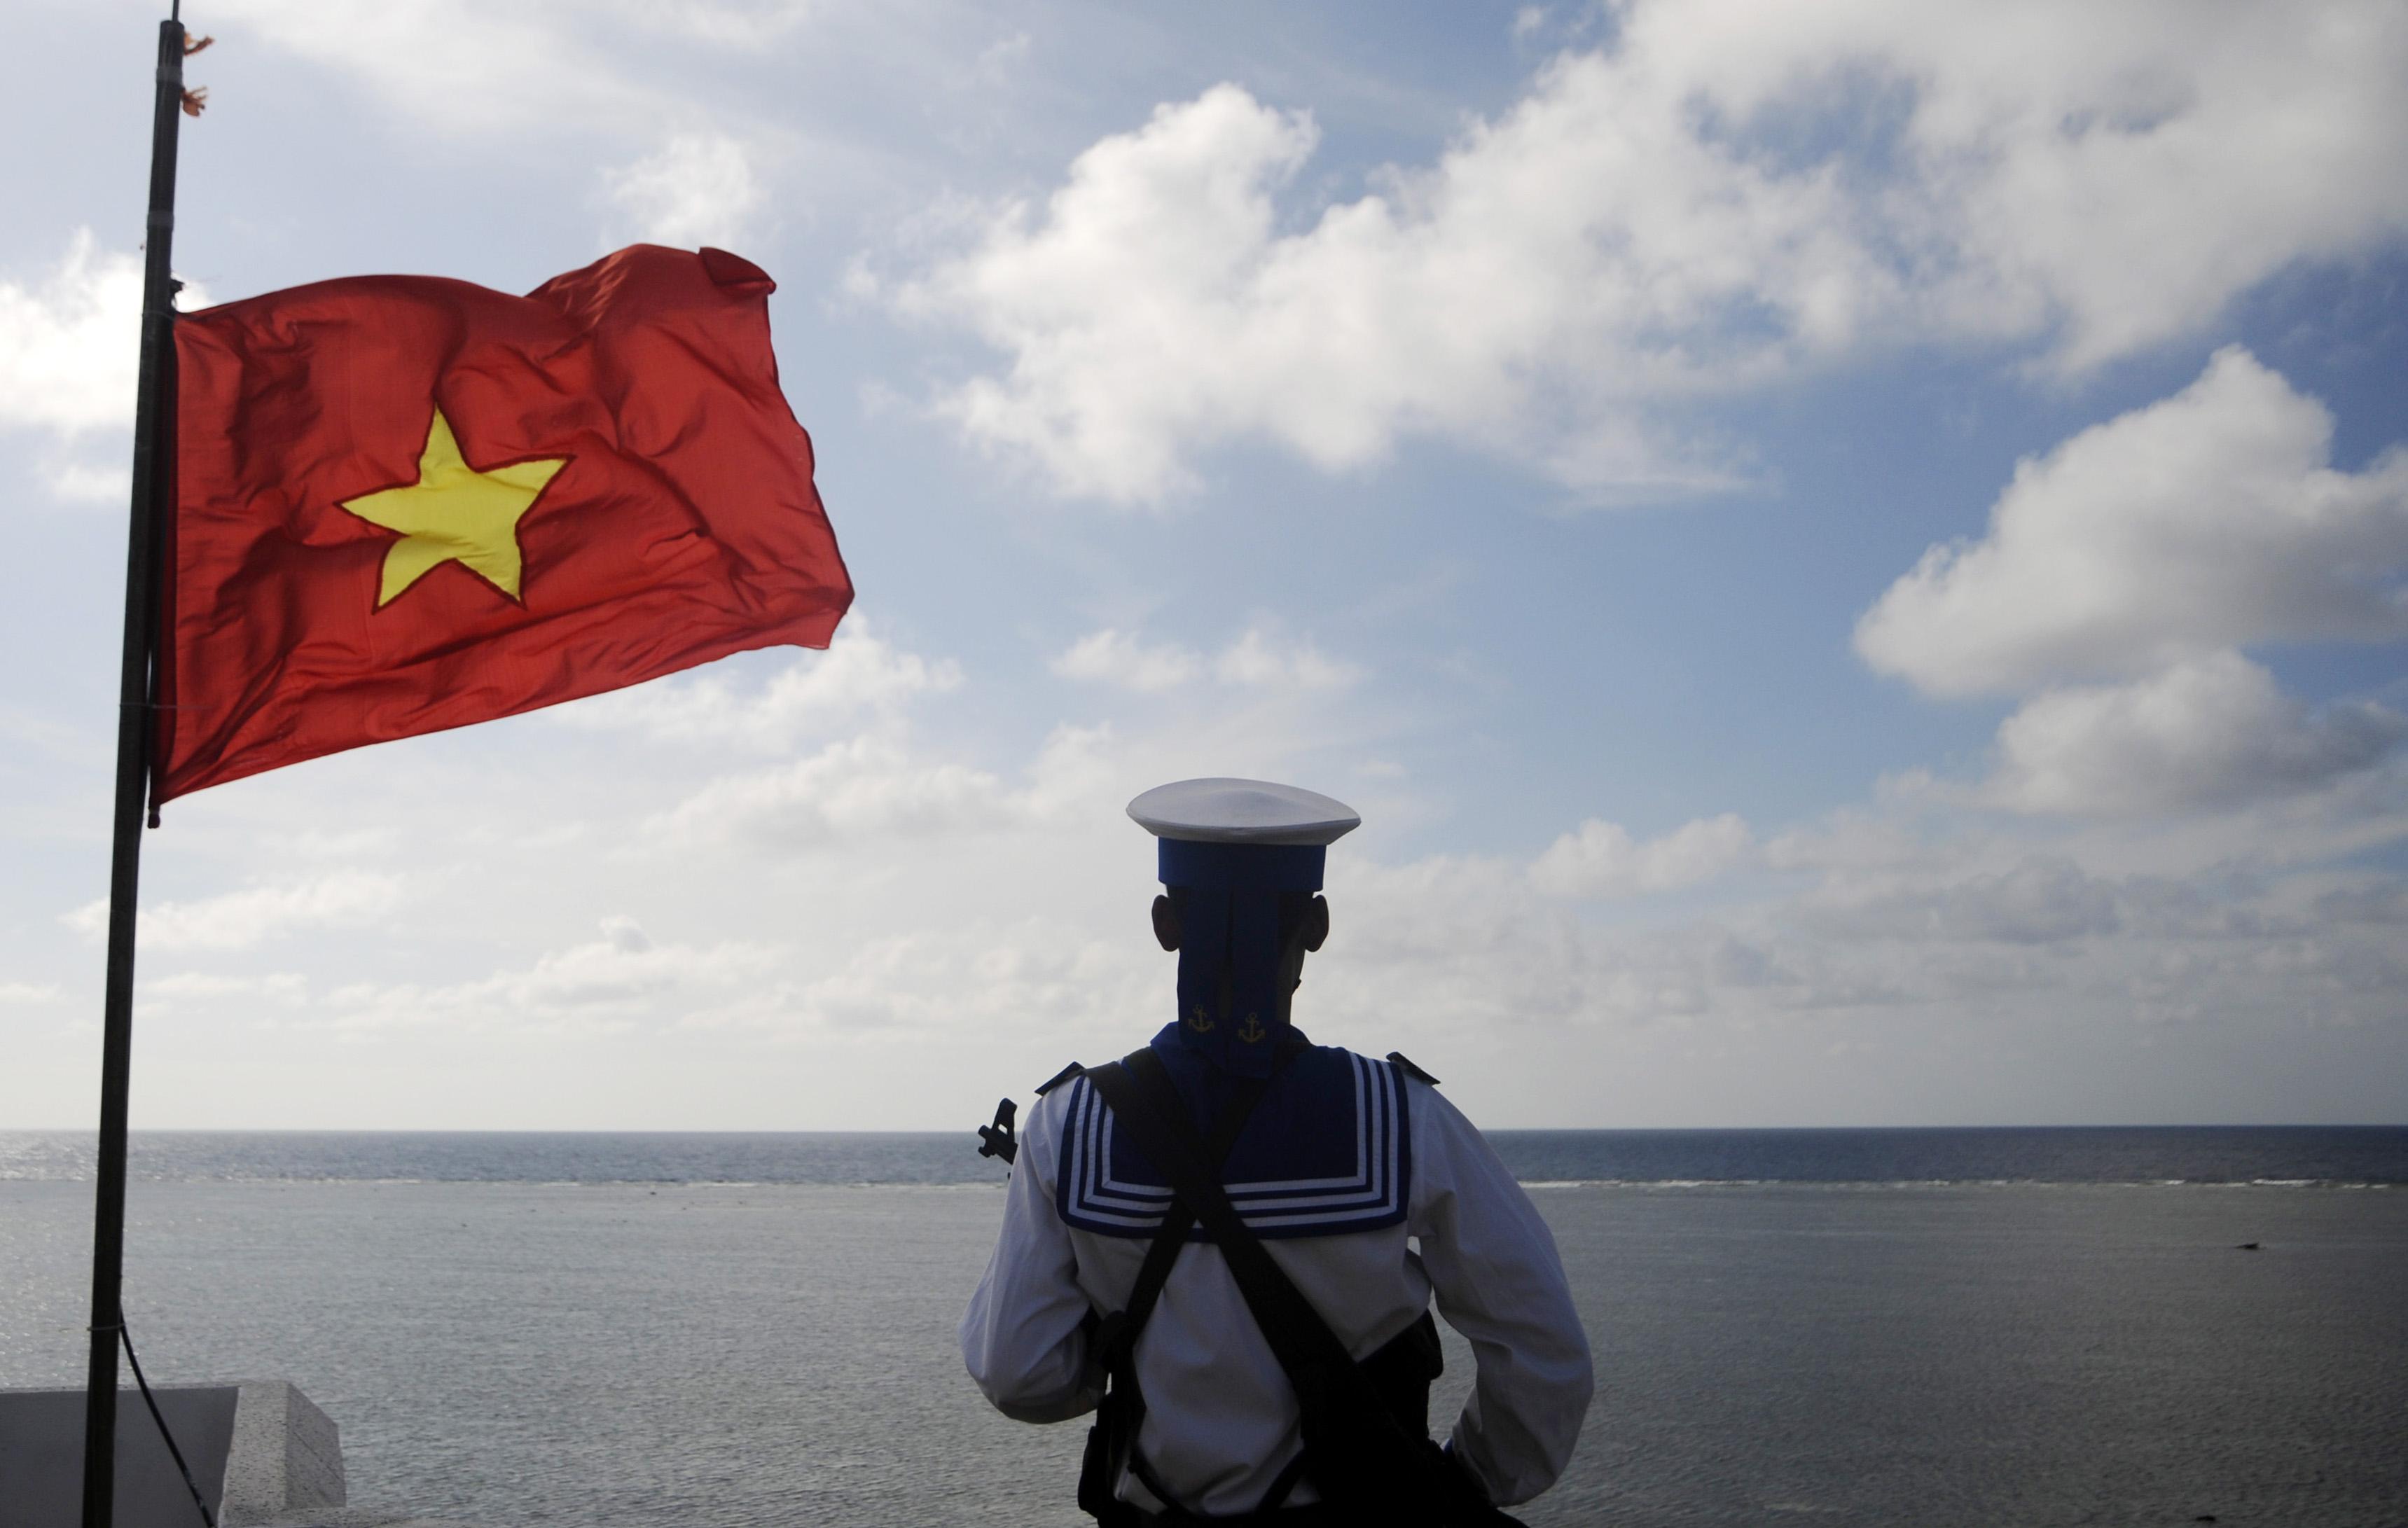 МИД Вьетнама вновь заявил о правах страны в акватории Южно-Китайского моря